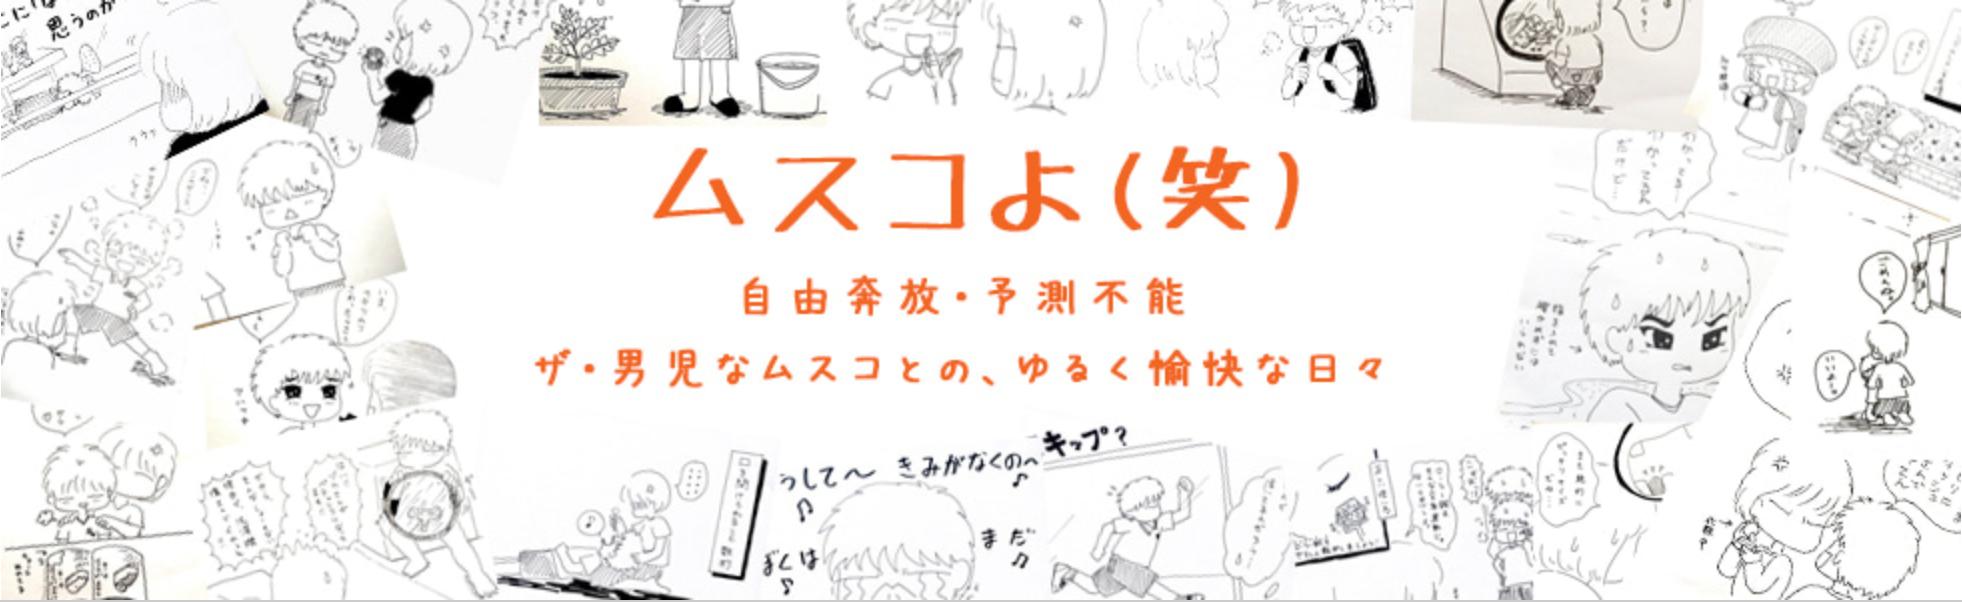 育児 絵日記 マンガ イラスト エッセイ